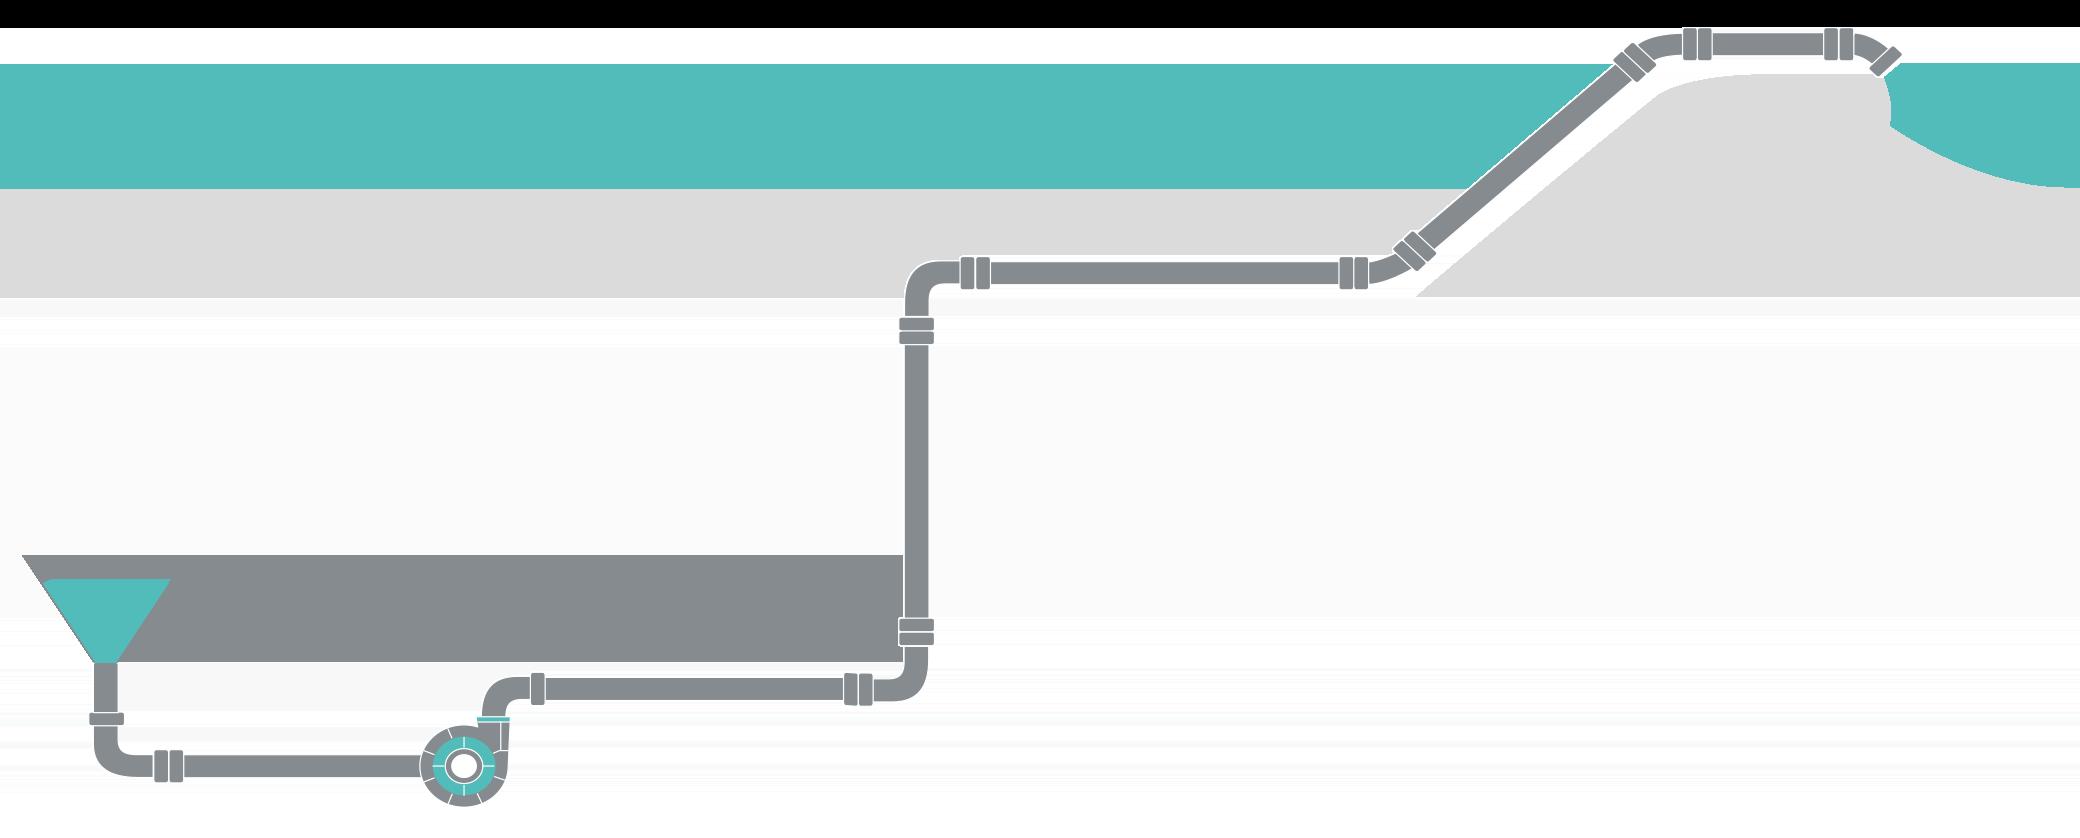 Rohrleitungsnetzwerke lassen sich in Flownex® schnell und effizient aufbauen und berechnen